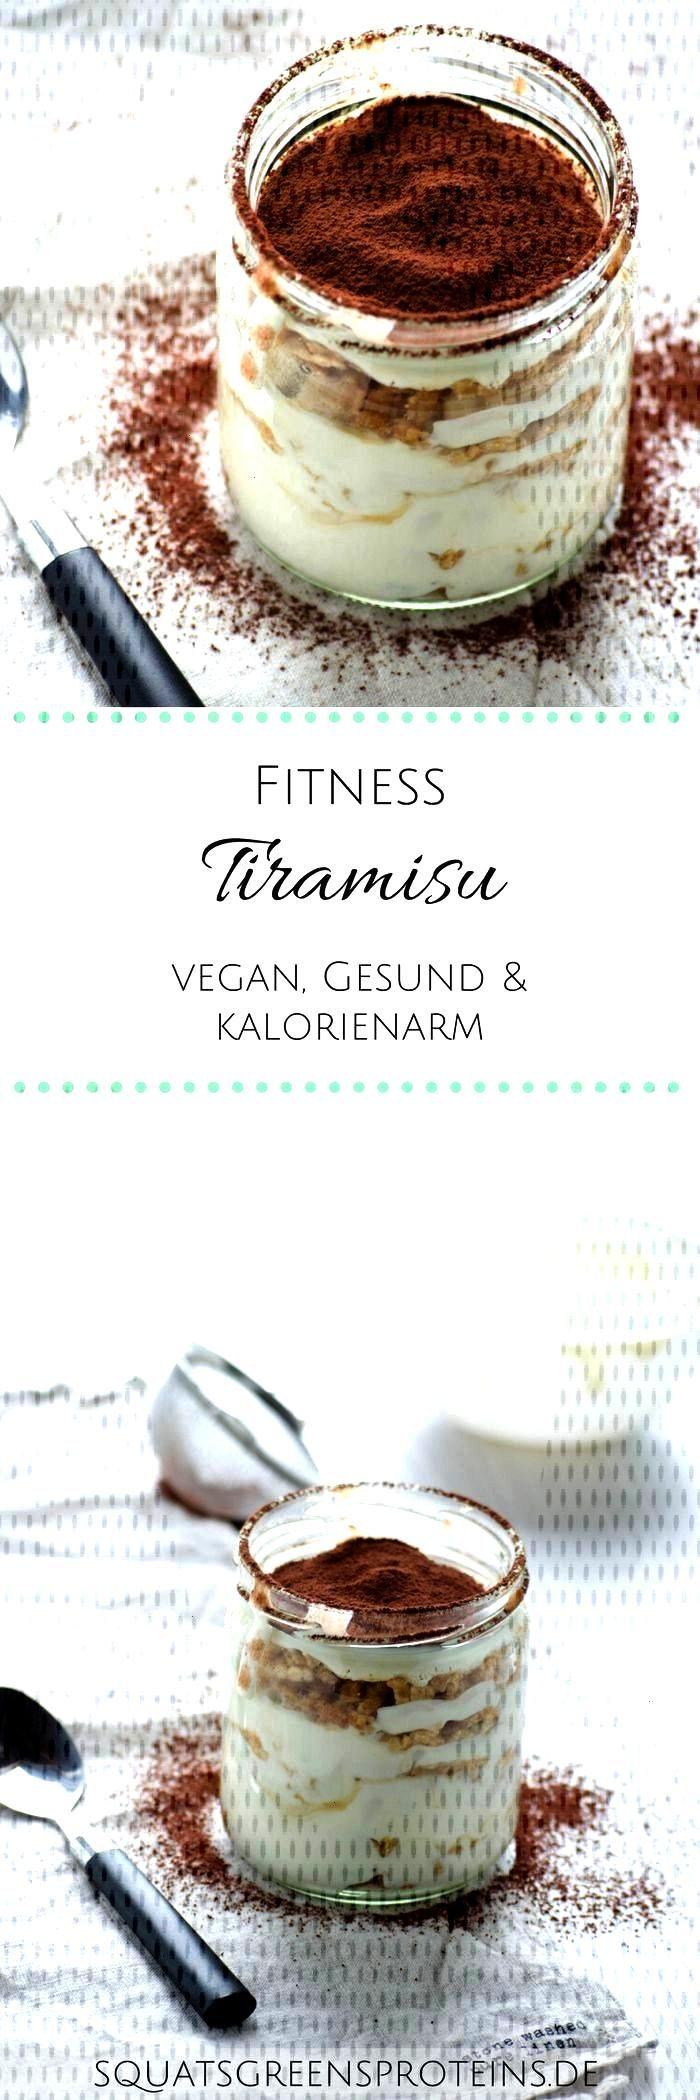 Vegane Fitness Tiramisu - Squats, Greens amp Proteins von Melanie  - Clean Eating Rezepte -Rezept V